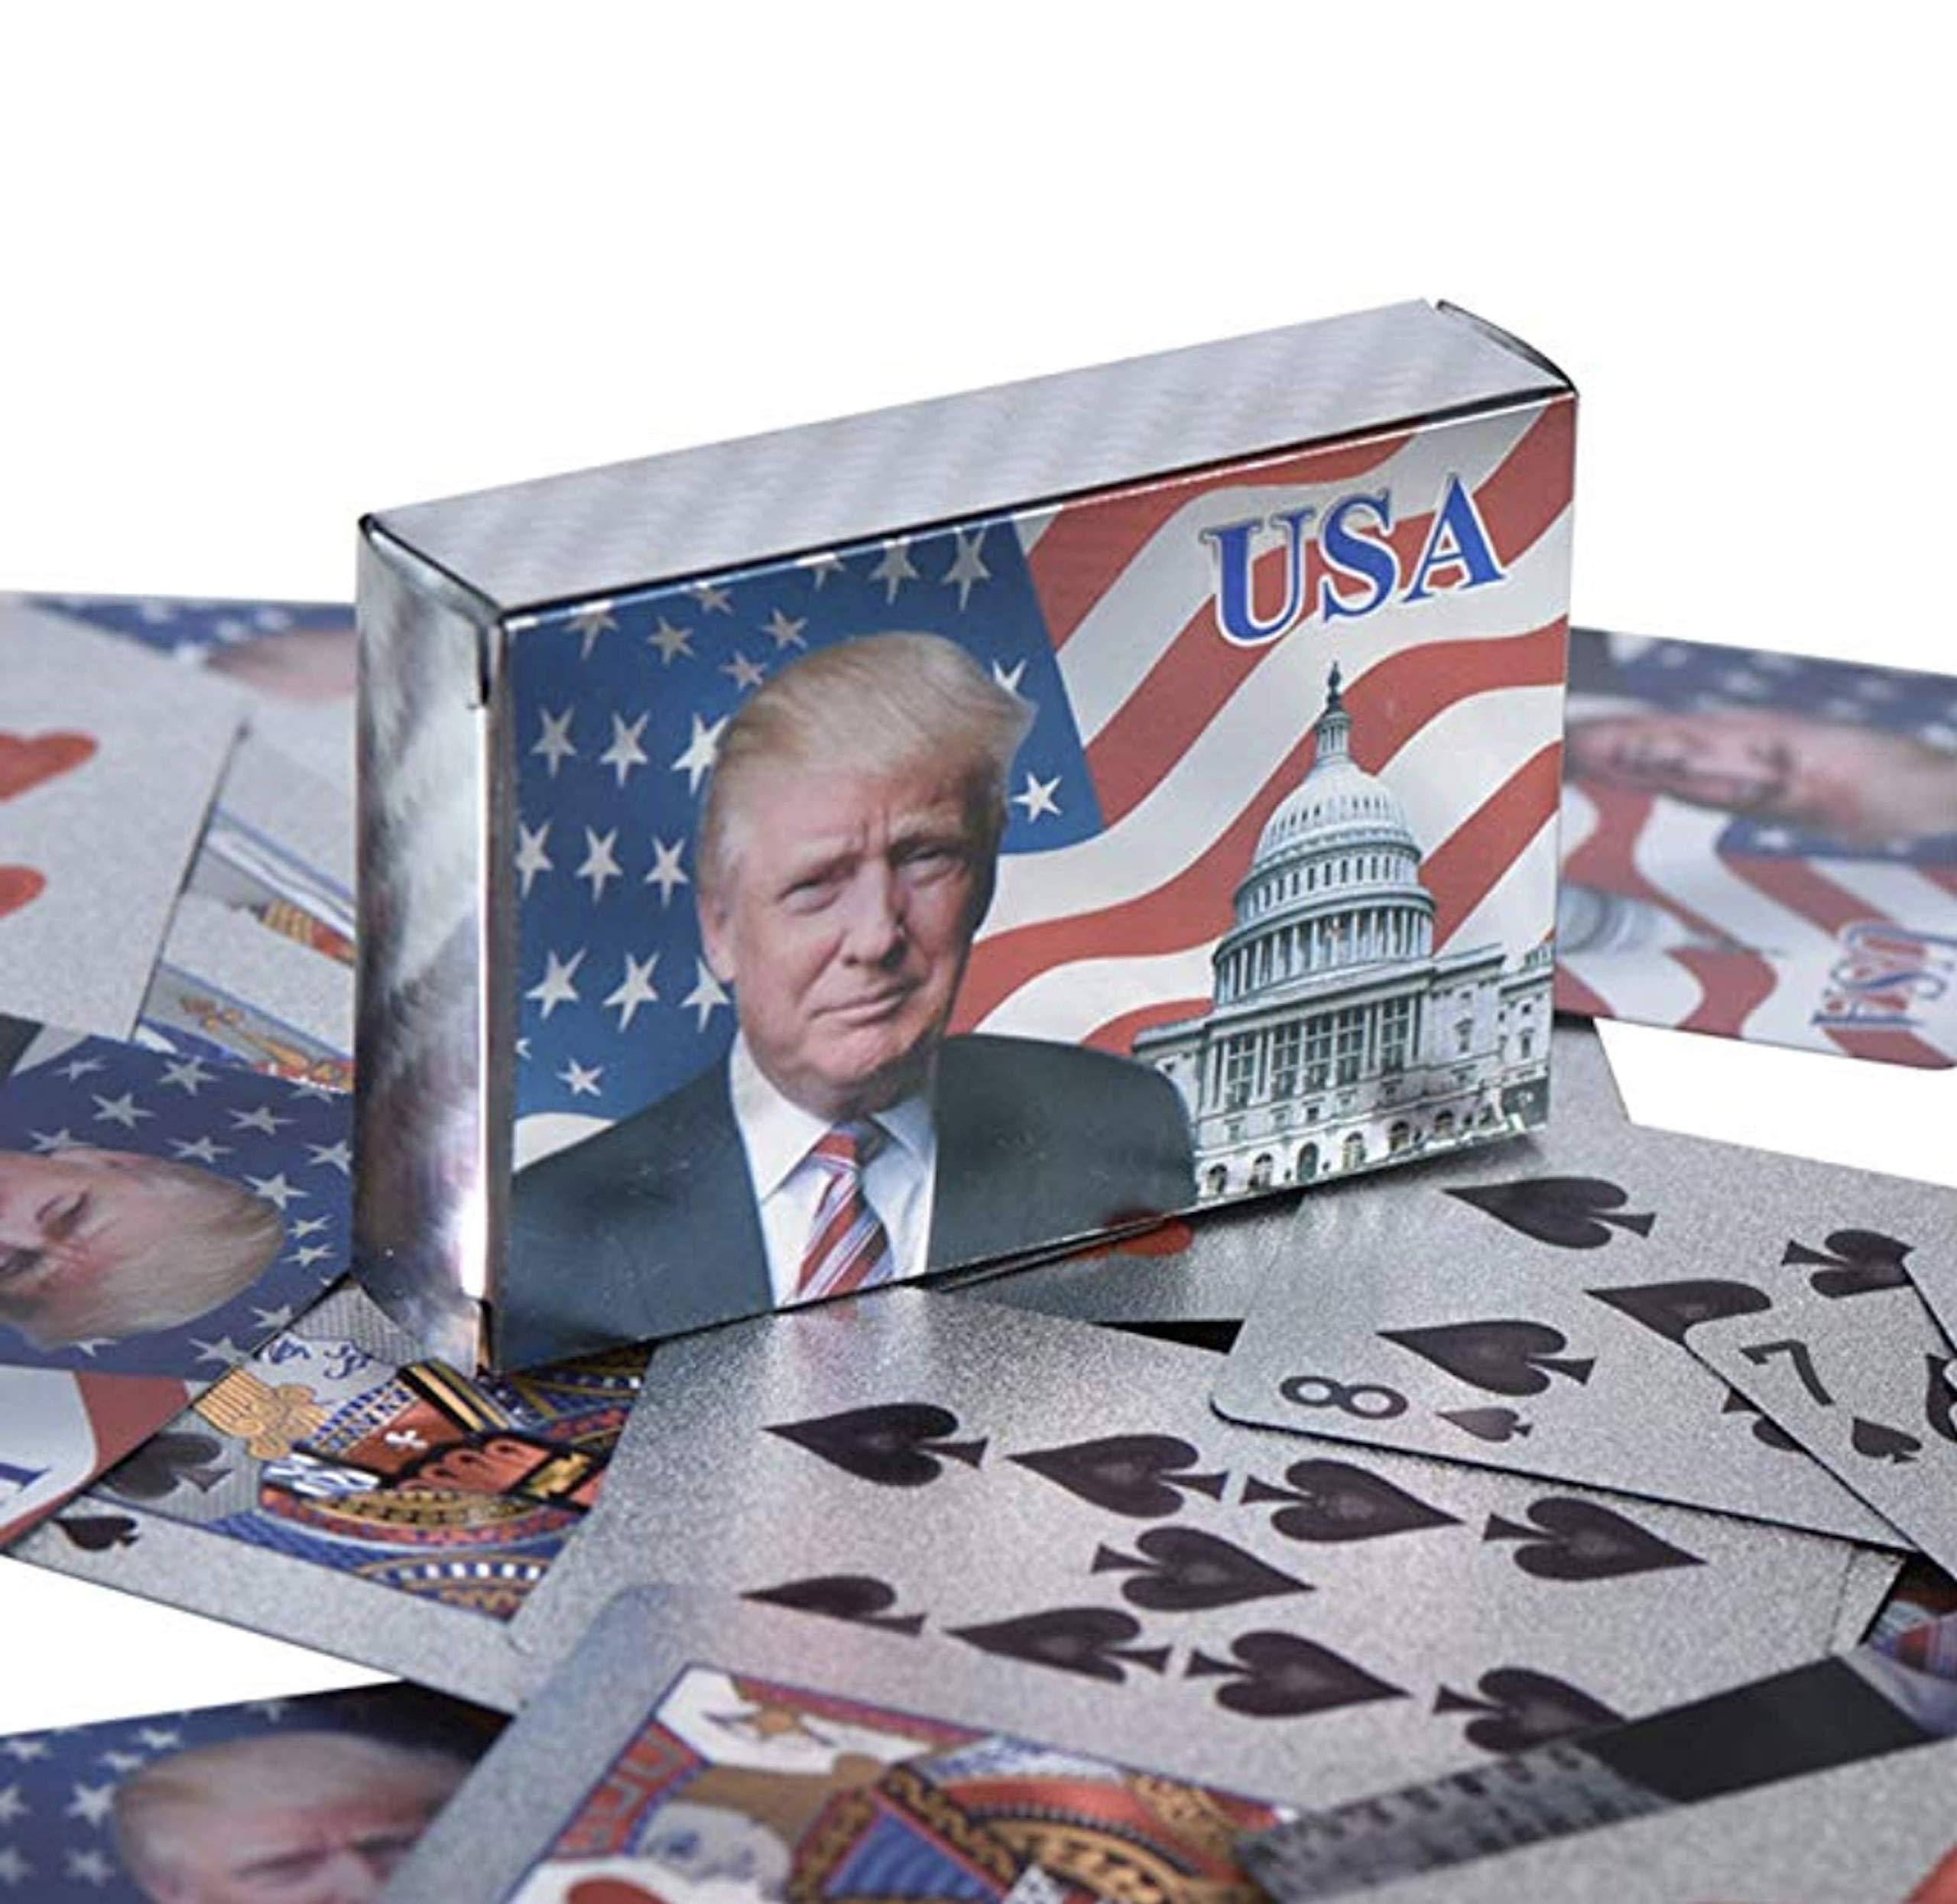 GenZ Donald Trump Juego de Cartas – Cartas de póquer Resistentes al Agua para Juegos de Mesa, Buen Regalo para Amigos, Hombres, Mujeres: Amazon.es: Deportes y aire libre